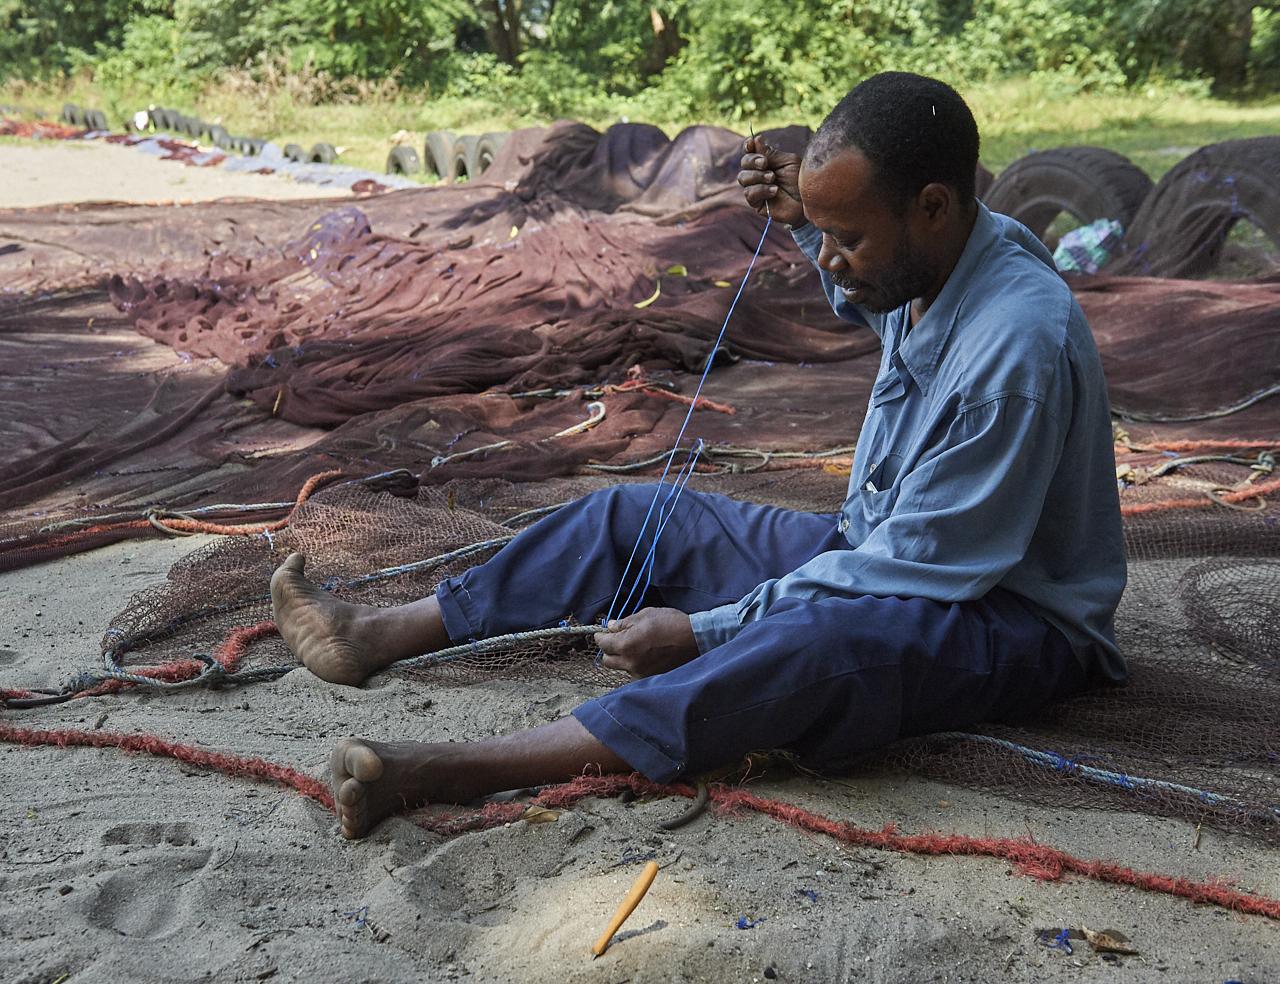 Repairing fishing nets, Stoneto